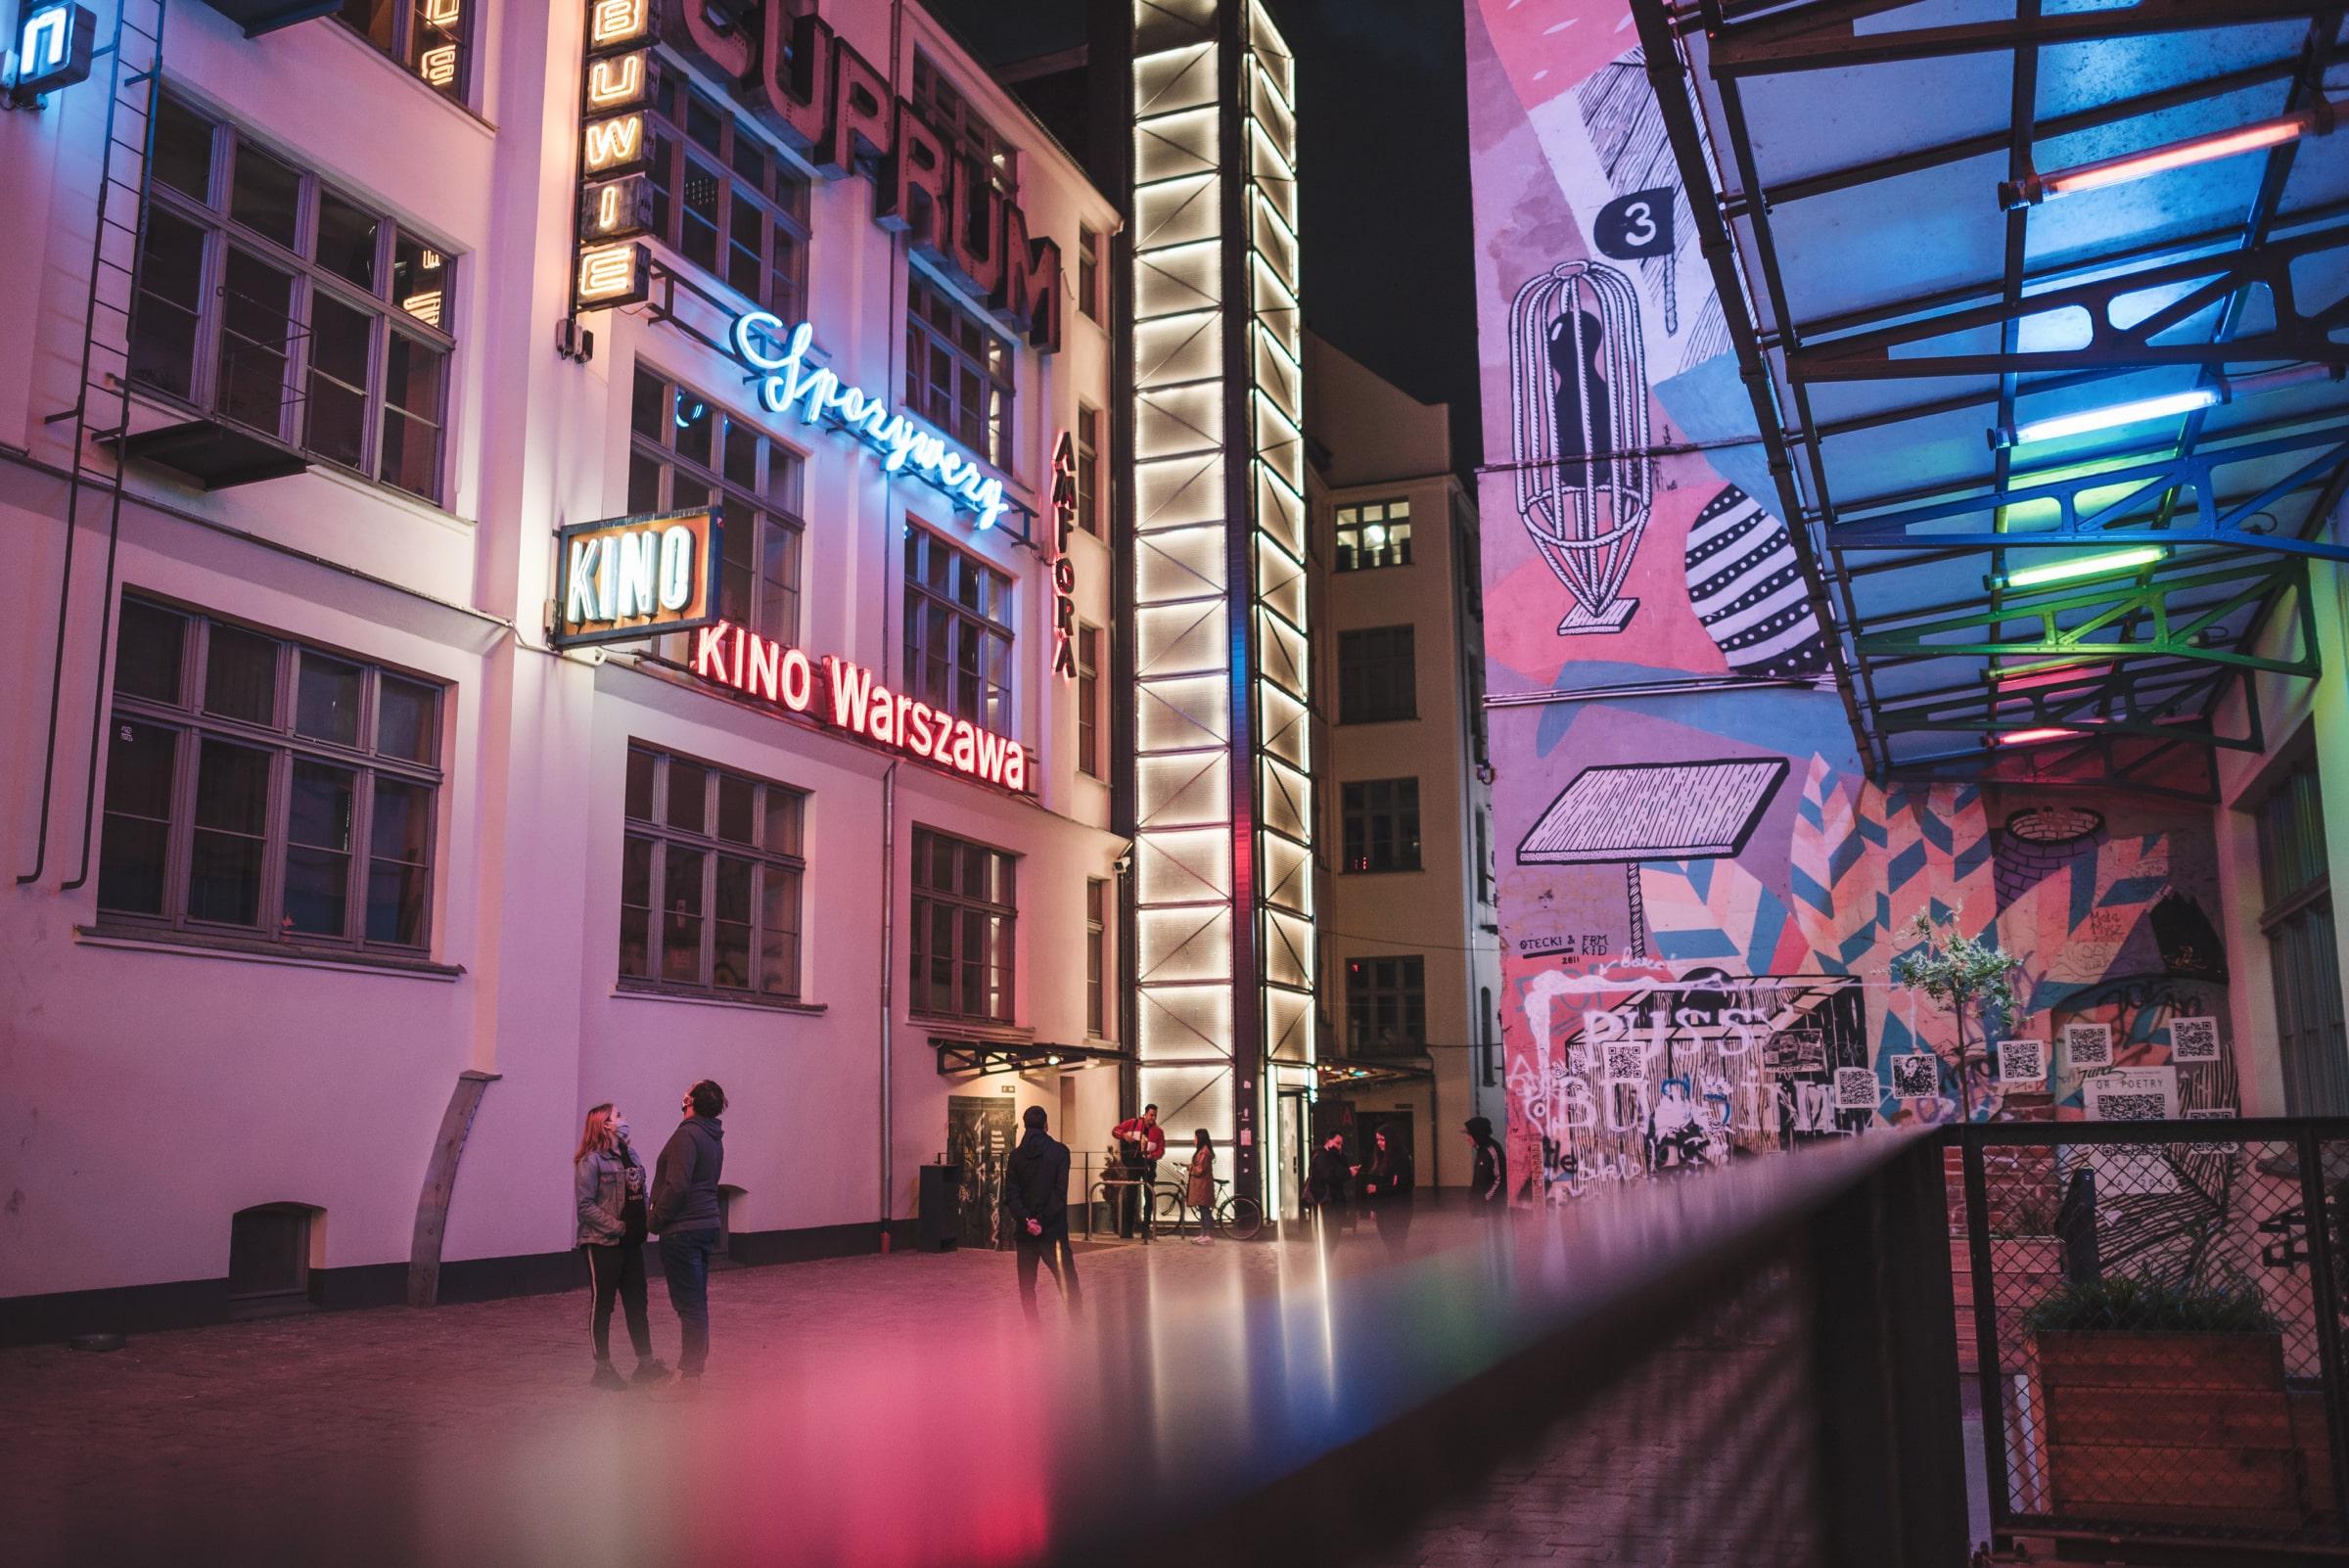 Ulica z neonami EN